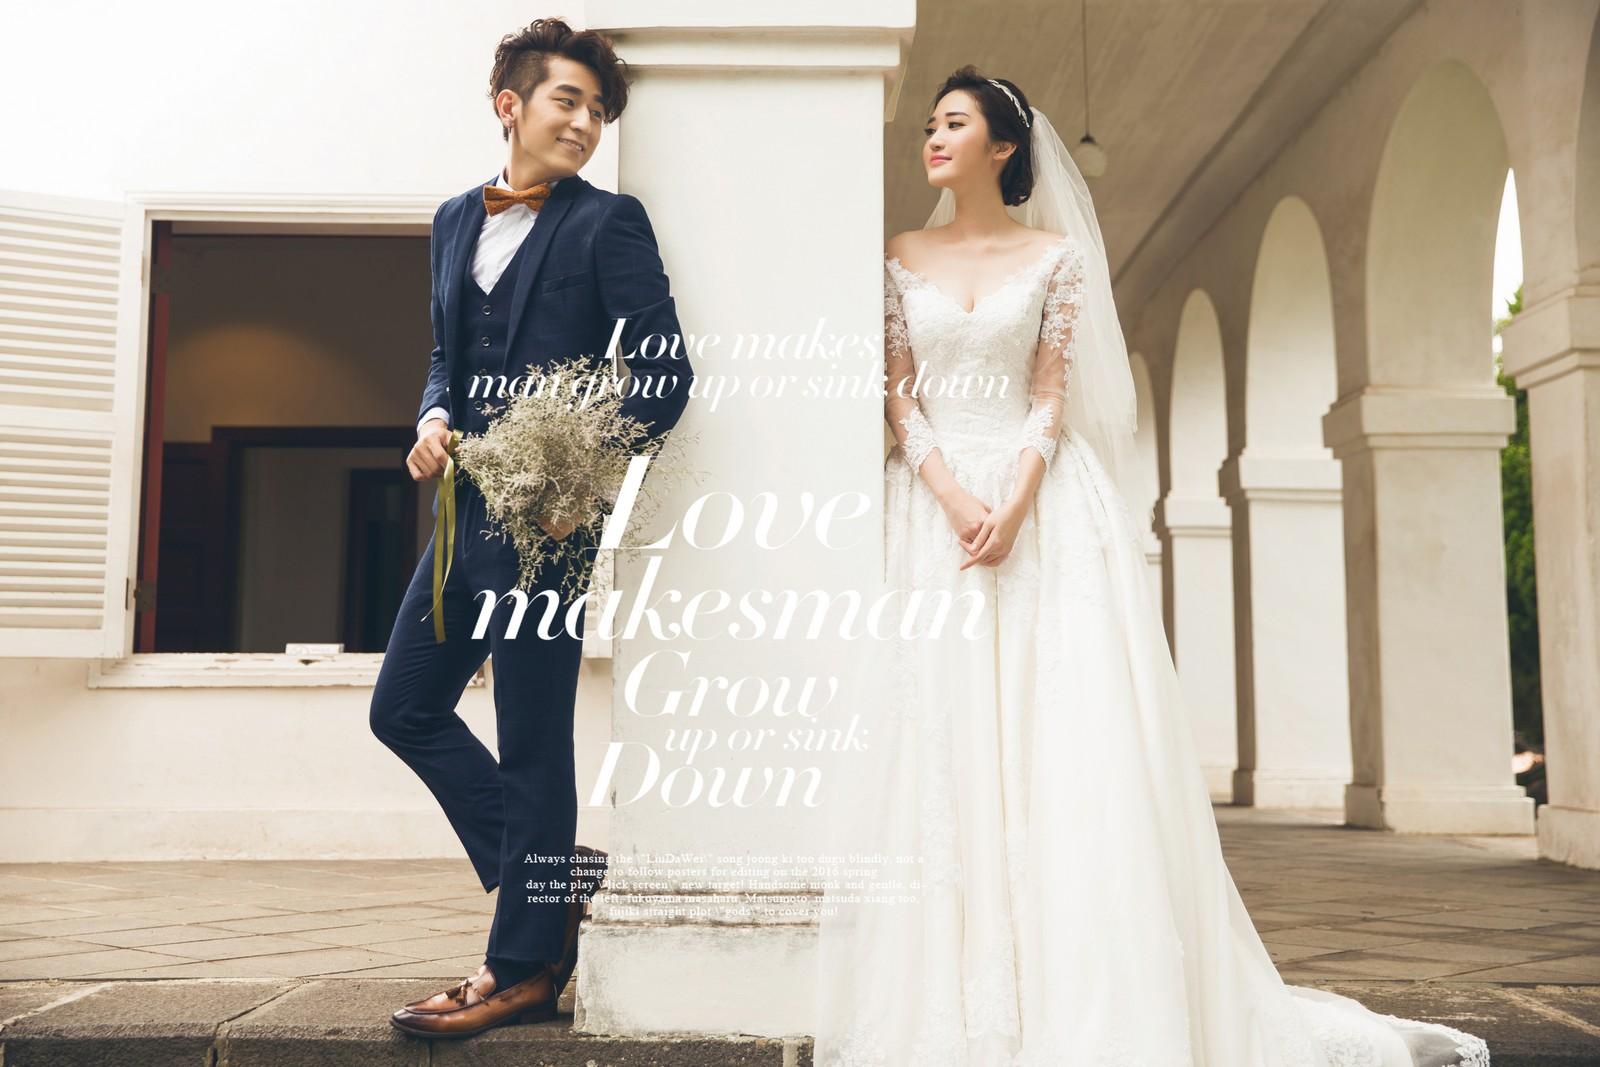 婚紗攝影,婚紗照風格,婚紗照姿勢,婚紗攝影工作室,經典韓風